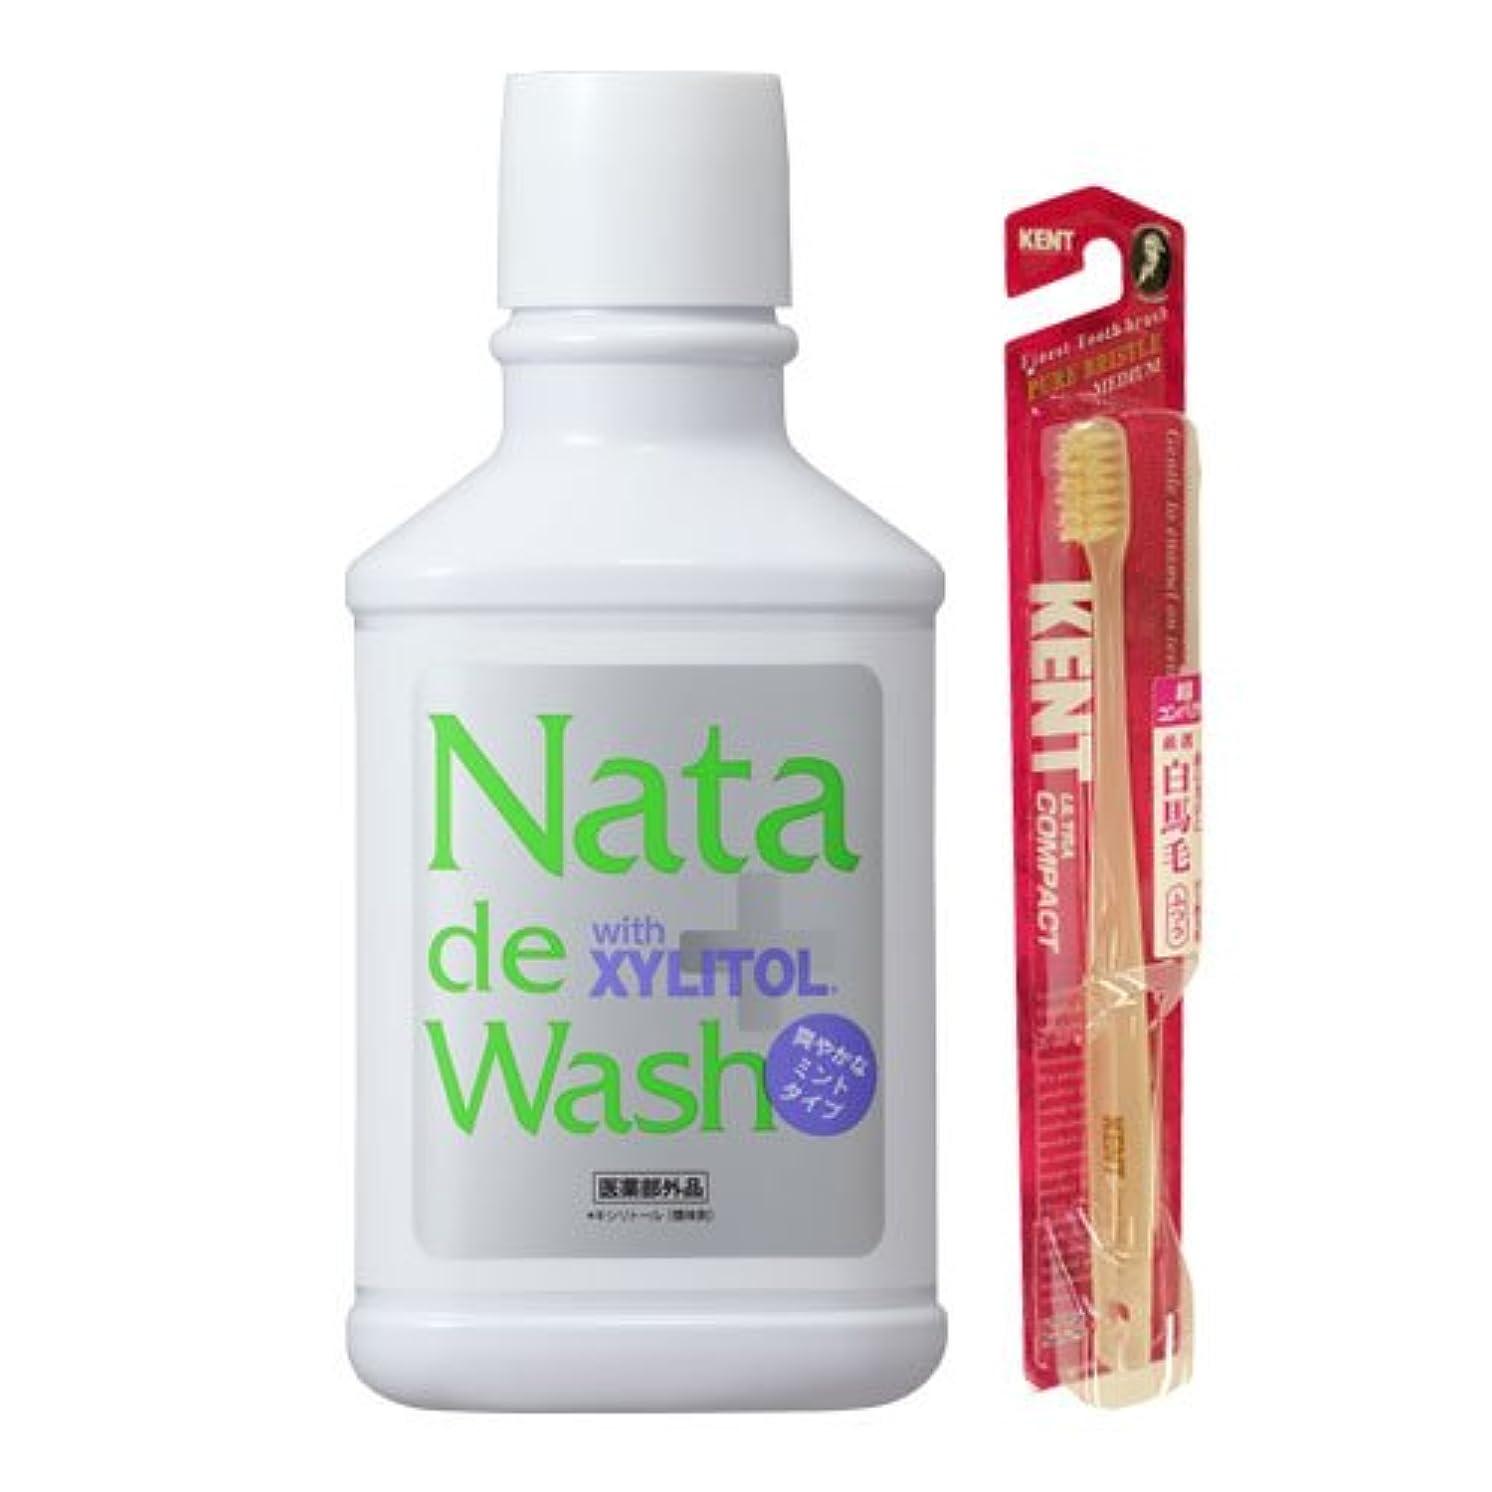 メタンシンボルごちそう薬用ナタデウォッシュ 爽やかなミントタイプ 500ml 1本& KENT歯ブラシ1本プレゼント